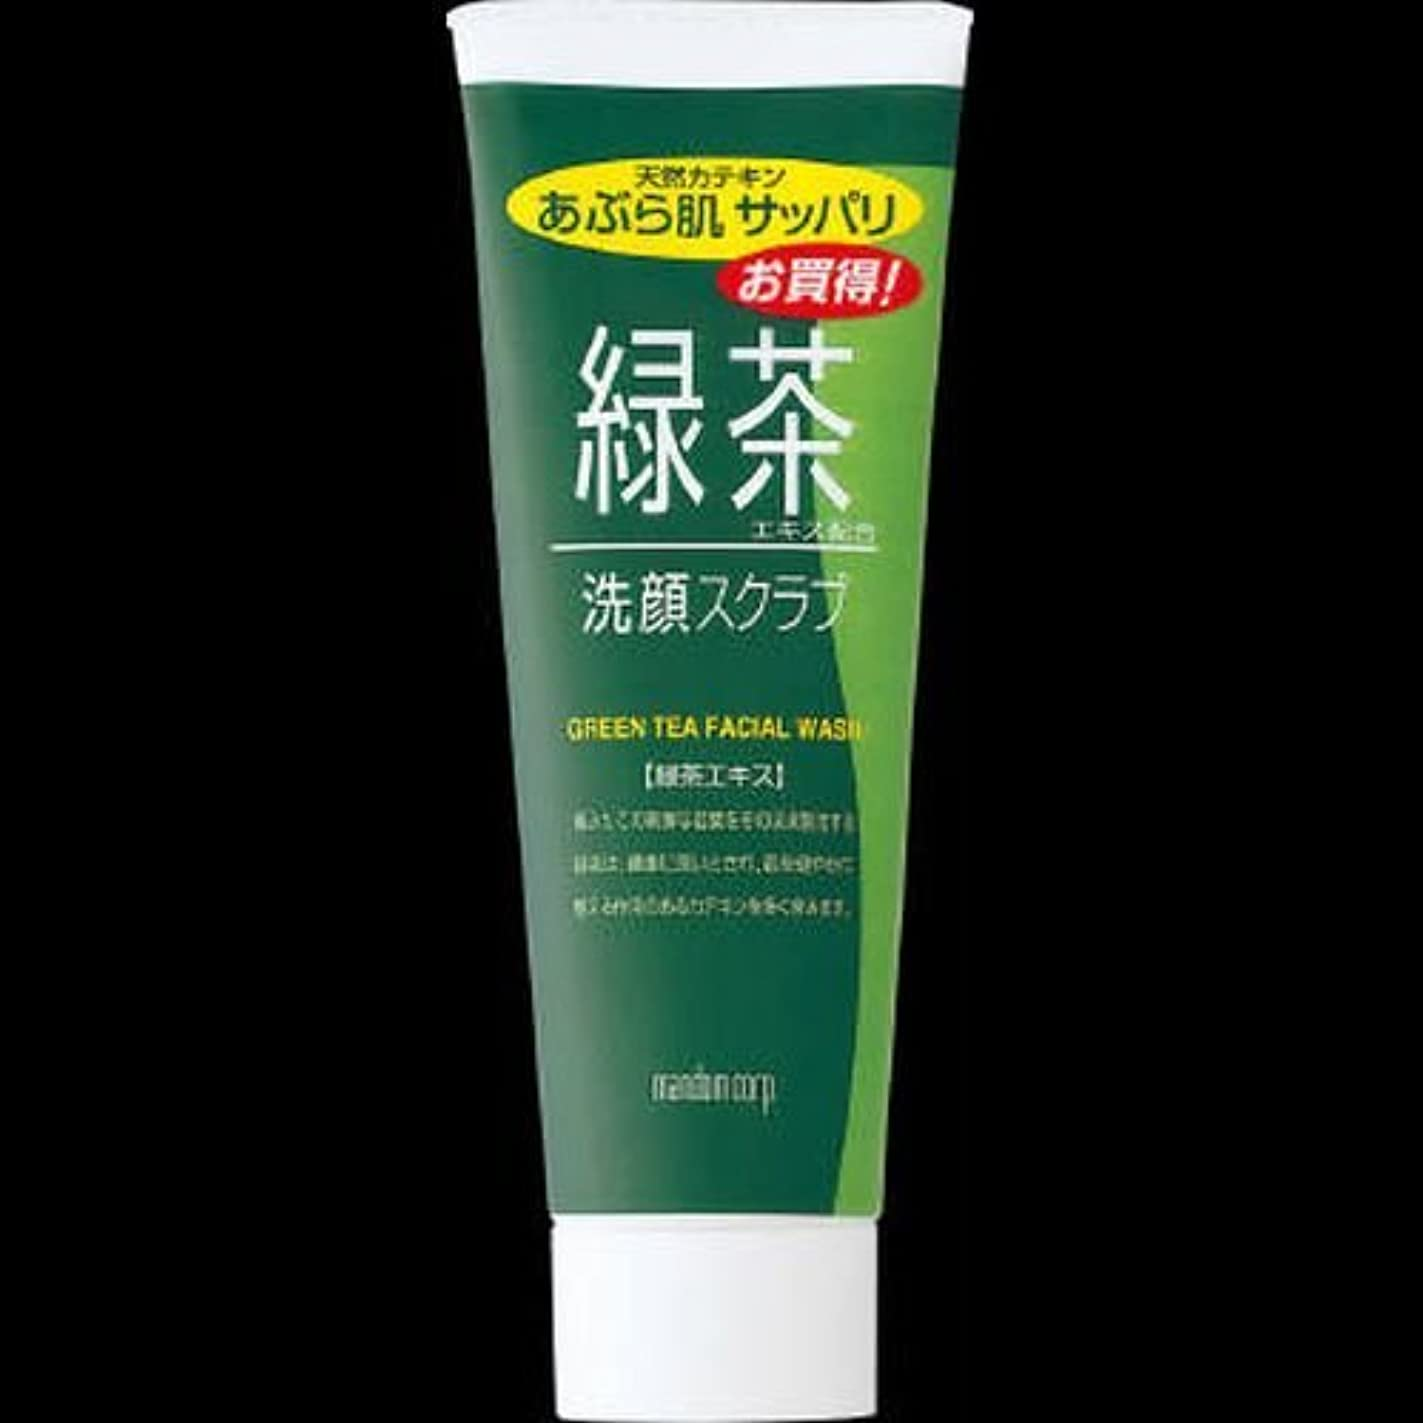 無意識断線排気【まとめ買い】マンダム 緑茶洗顔スクラブ100g ×2セット